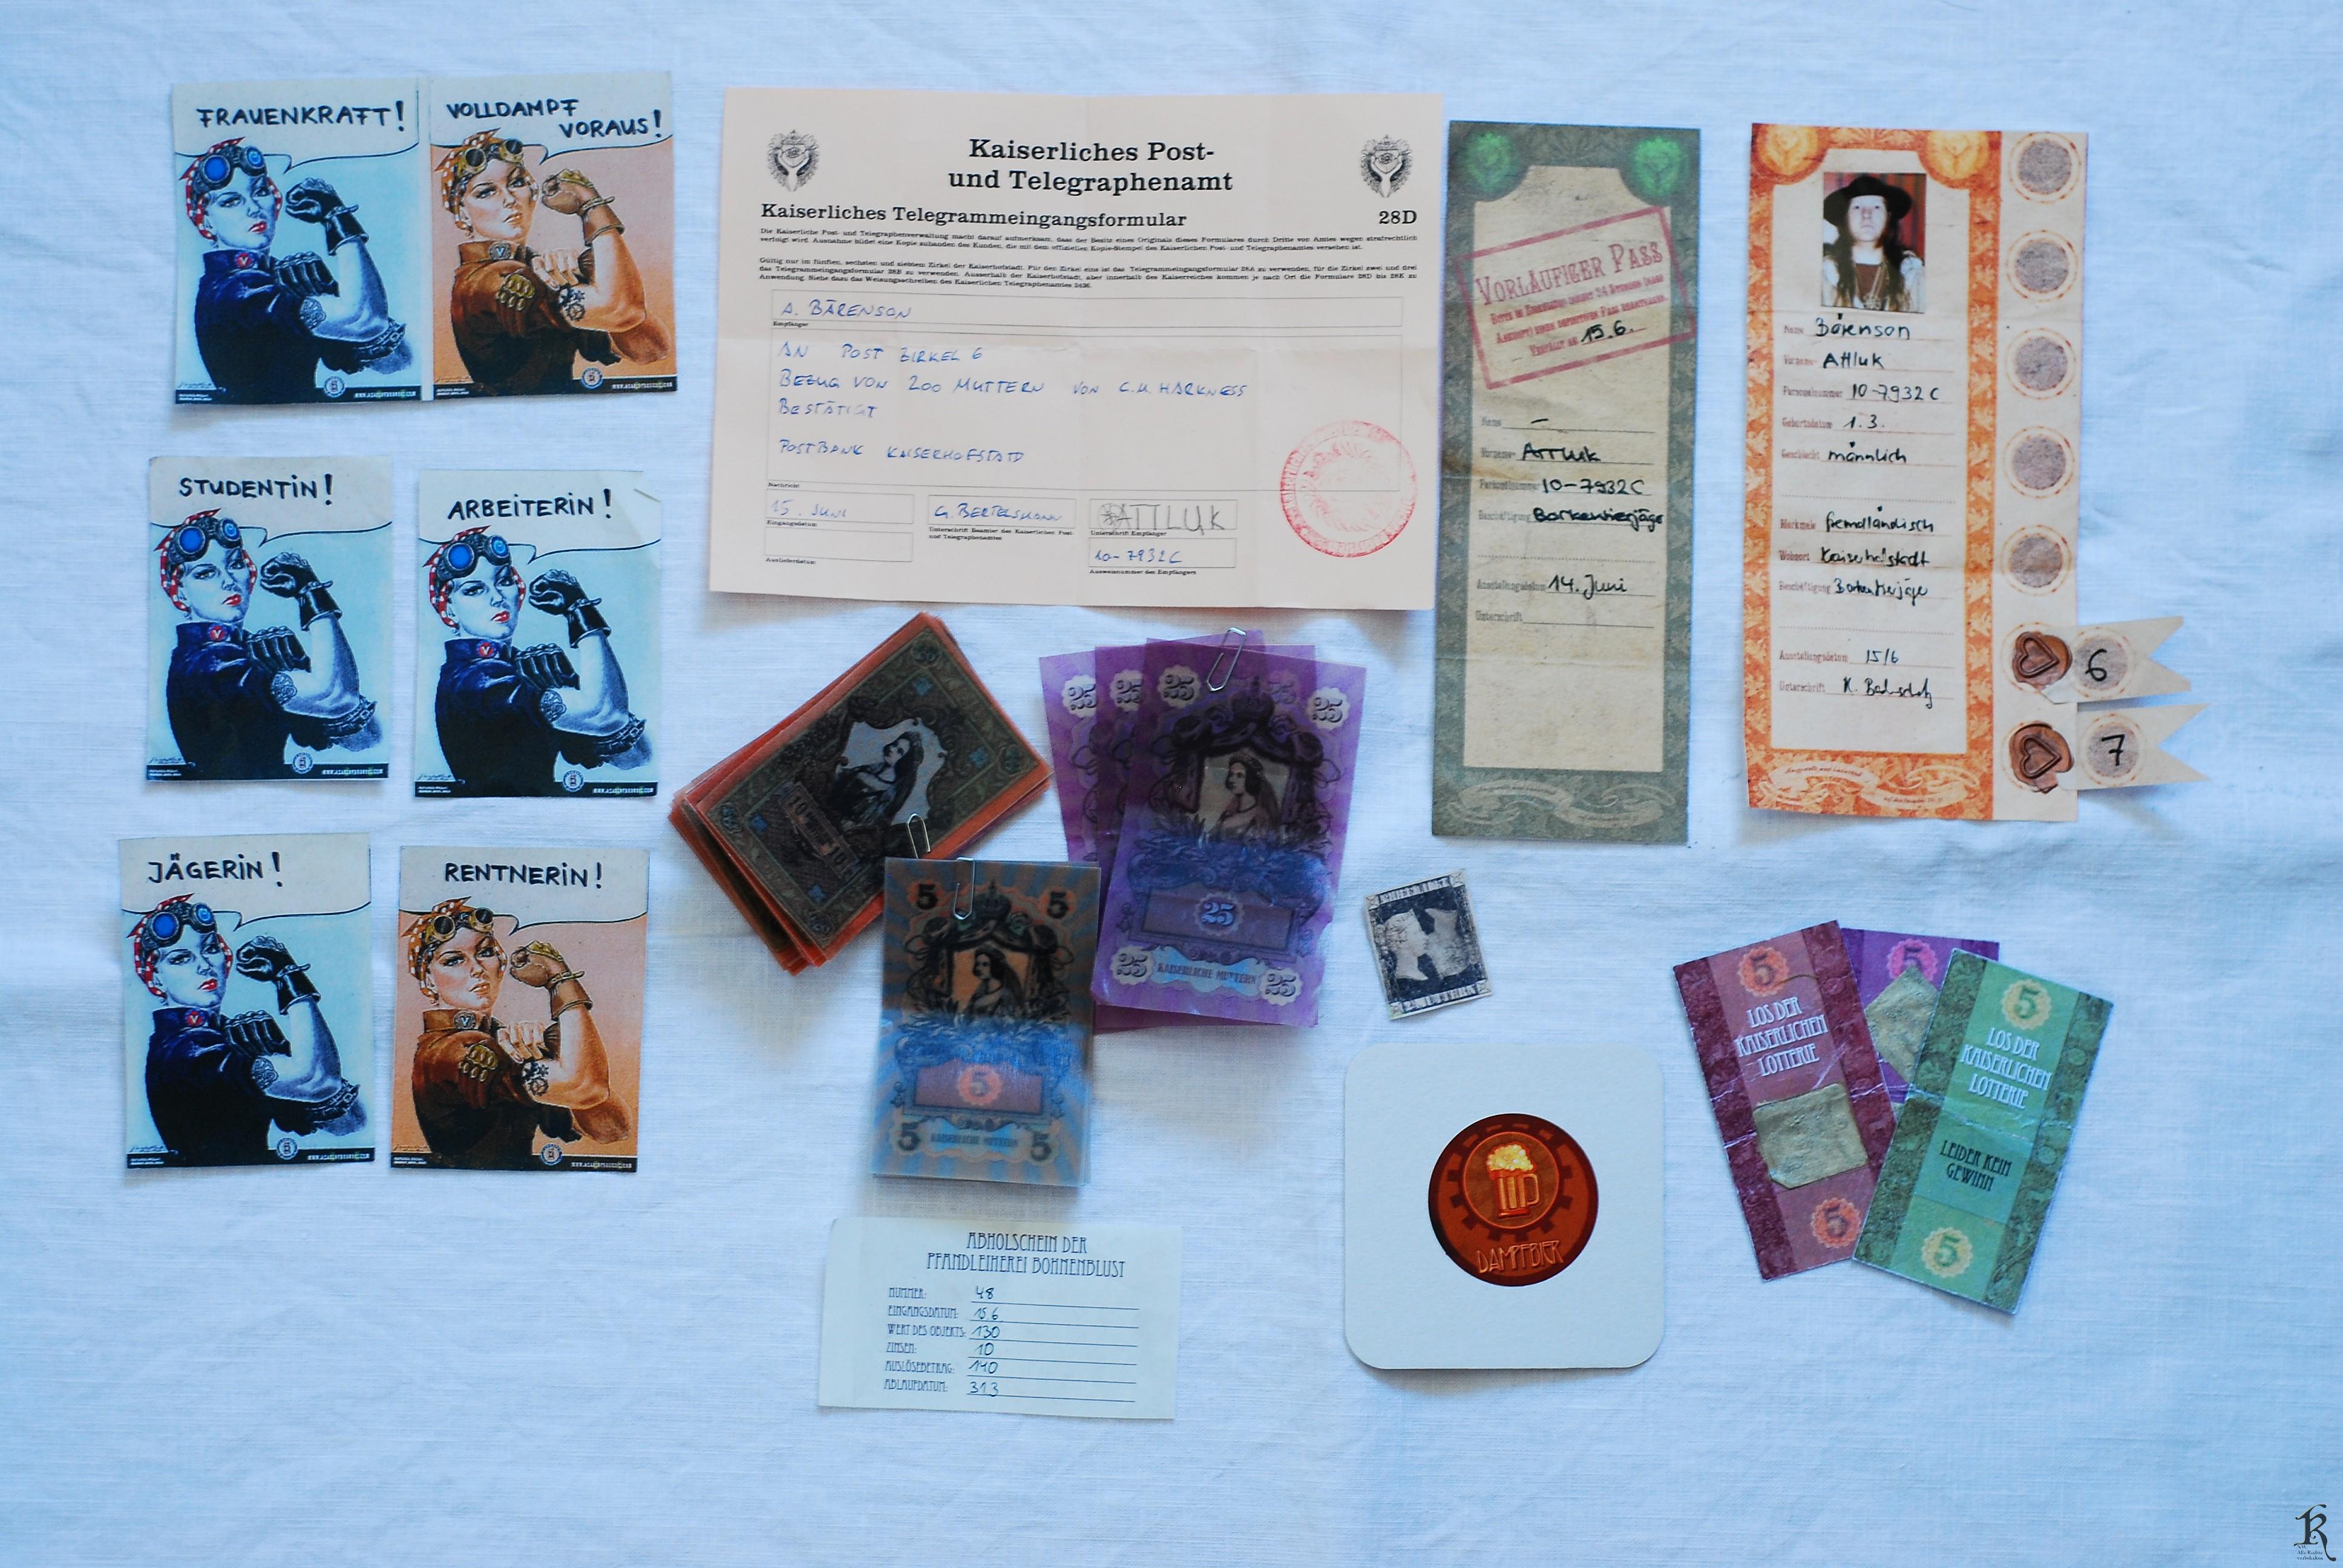 Politisches, Telegramm, Geldscheine, Pässe und staatliche Lottorielose...